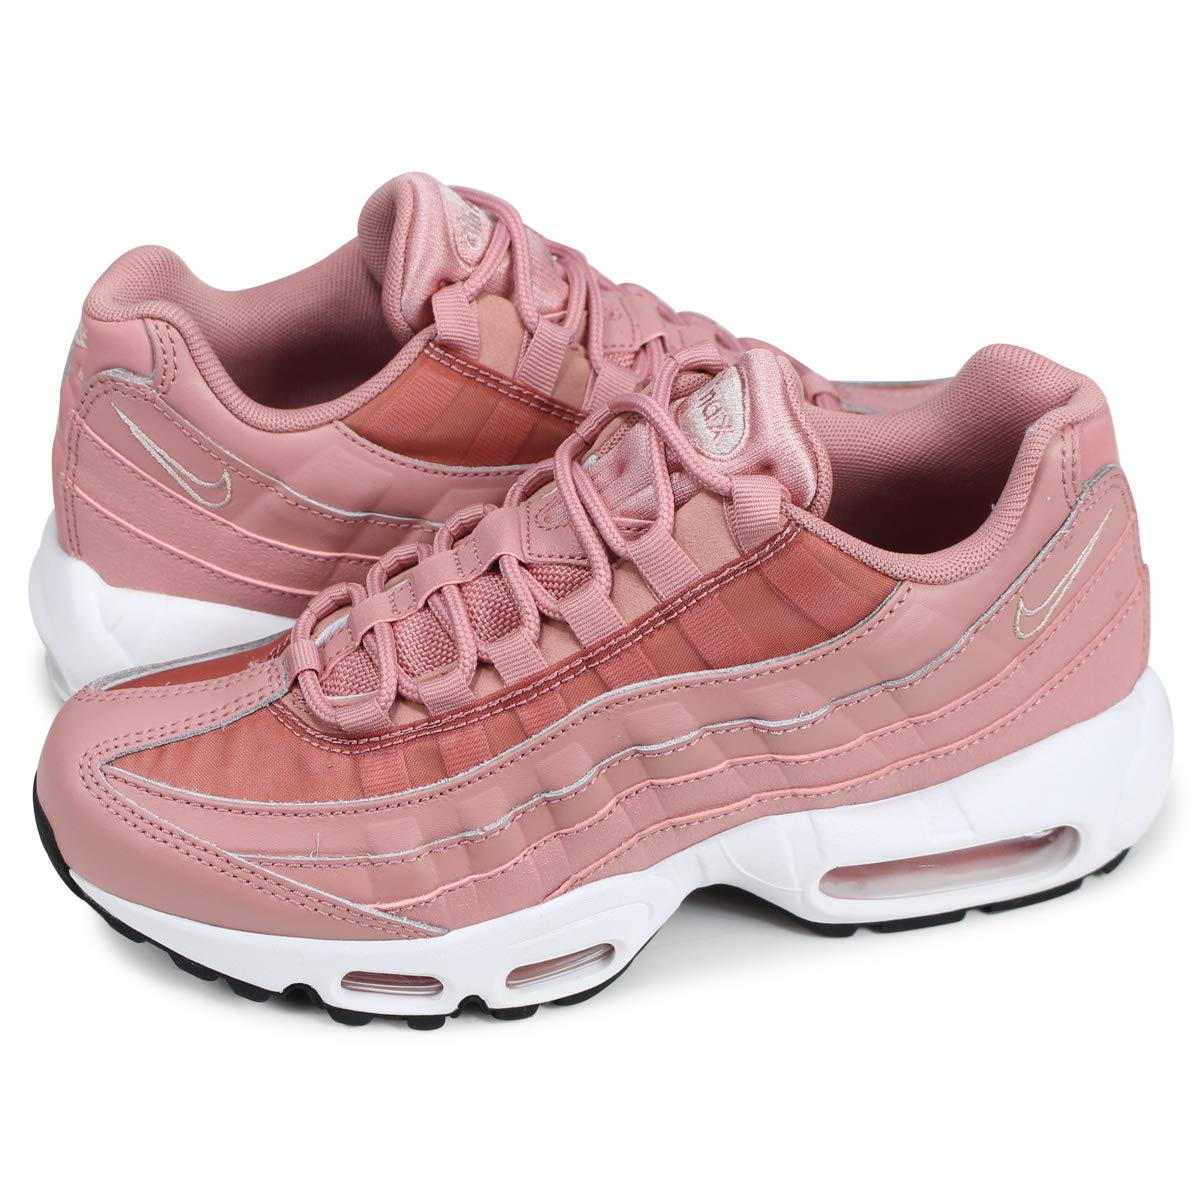 MultiCouleure (Rust rose Particle Beige noir blanc 606) Nike WMNS Air Max 95, Chaussures de Fitness Femme 37.5 EU